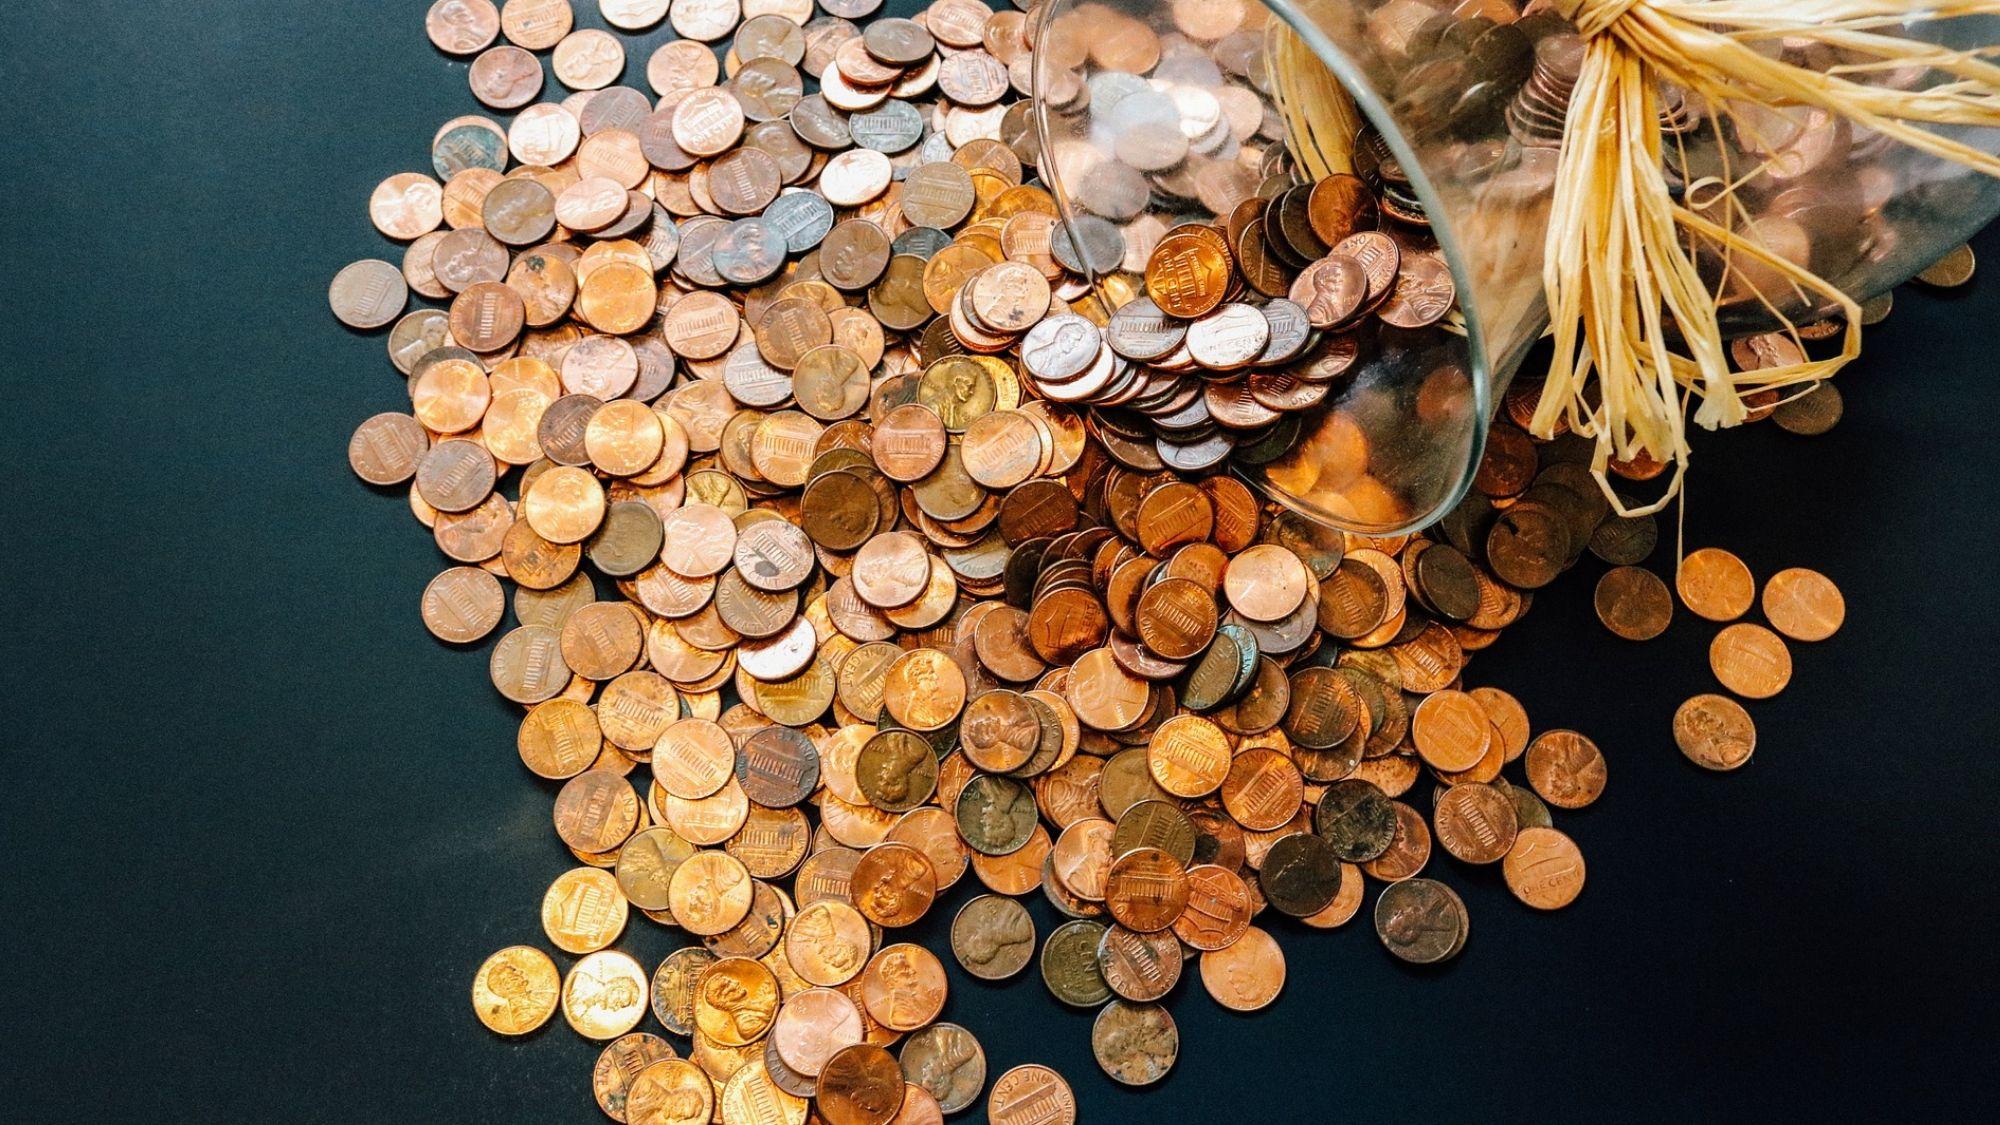 פיננסים – חיסכון לכל ילד